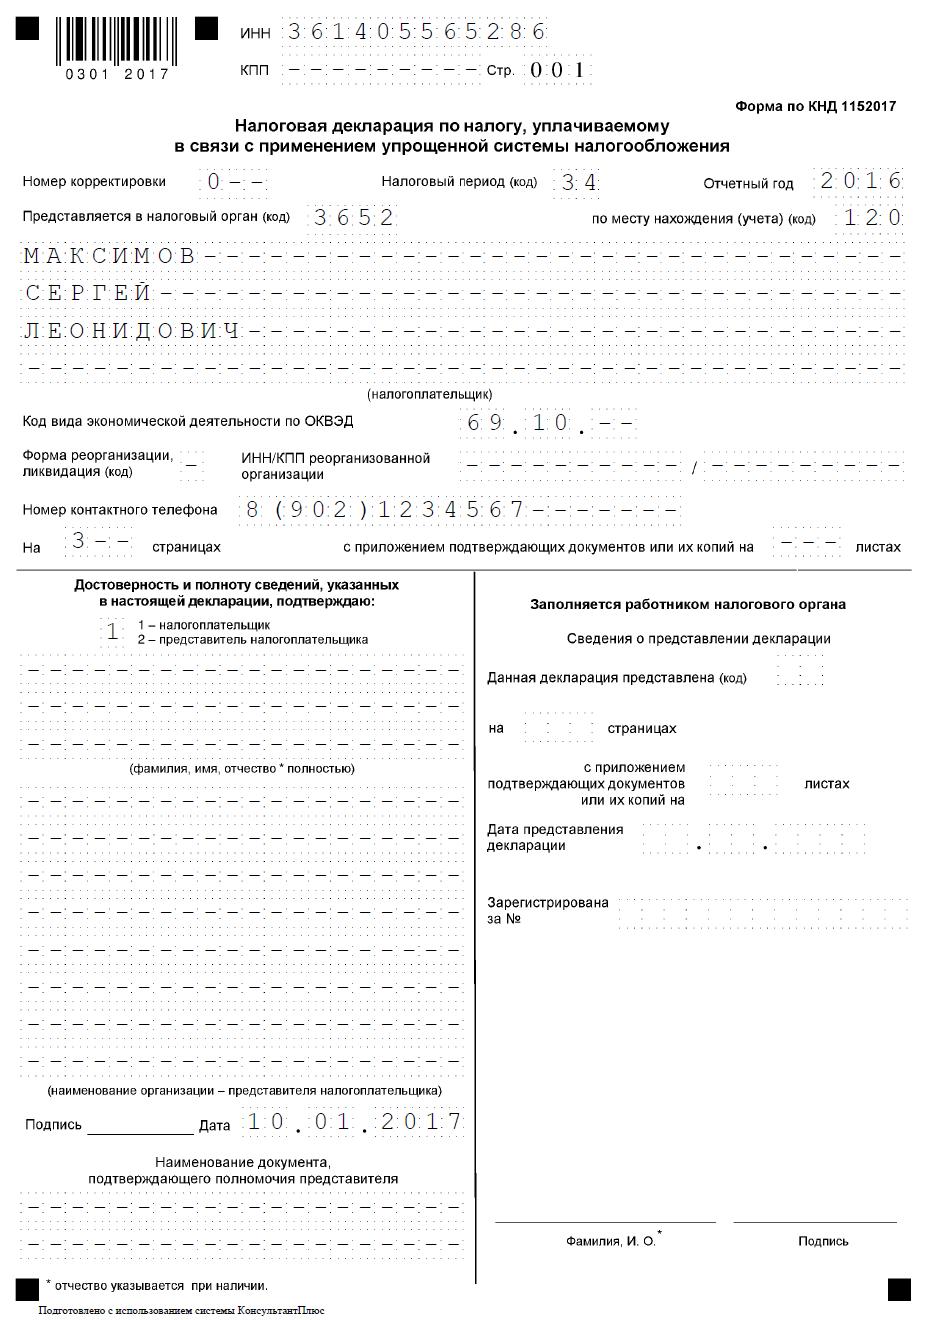 Разрабатывается новая форма декларации по налогу на игорный бизнес